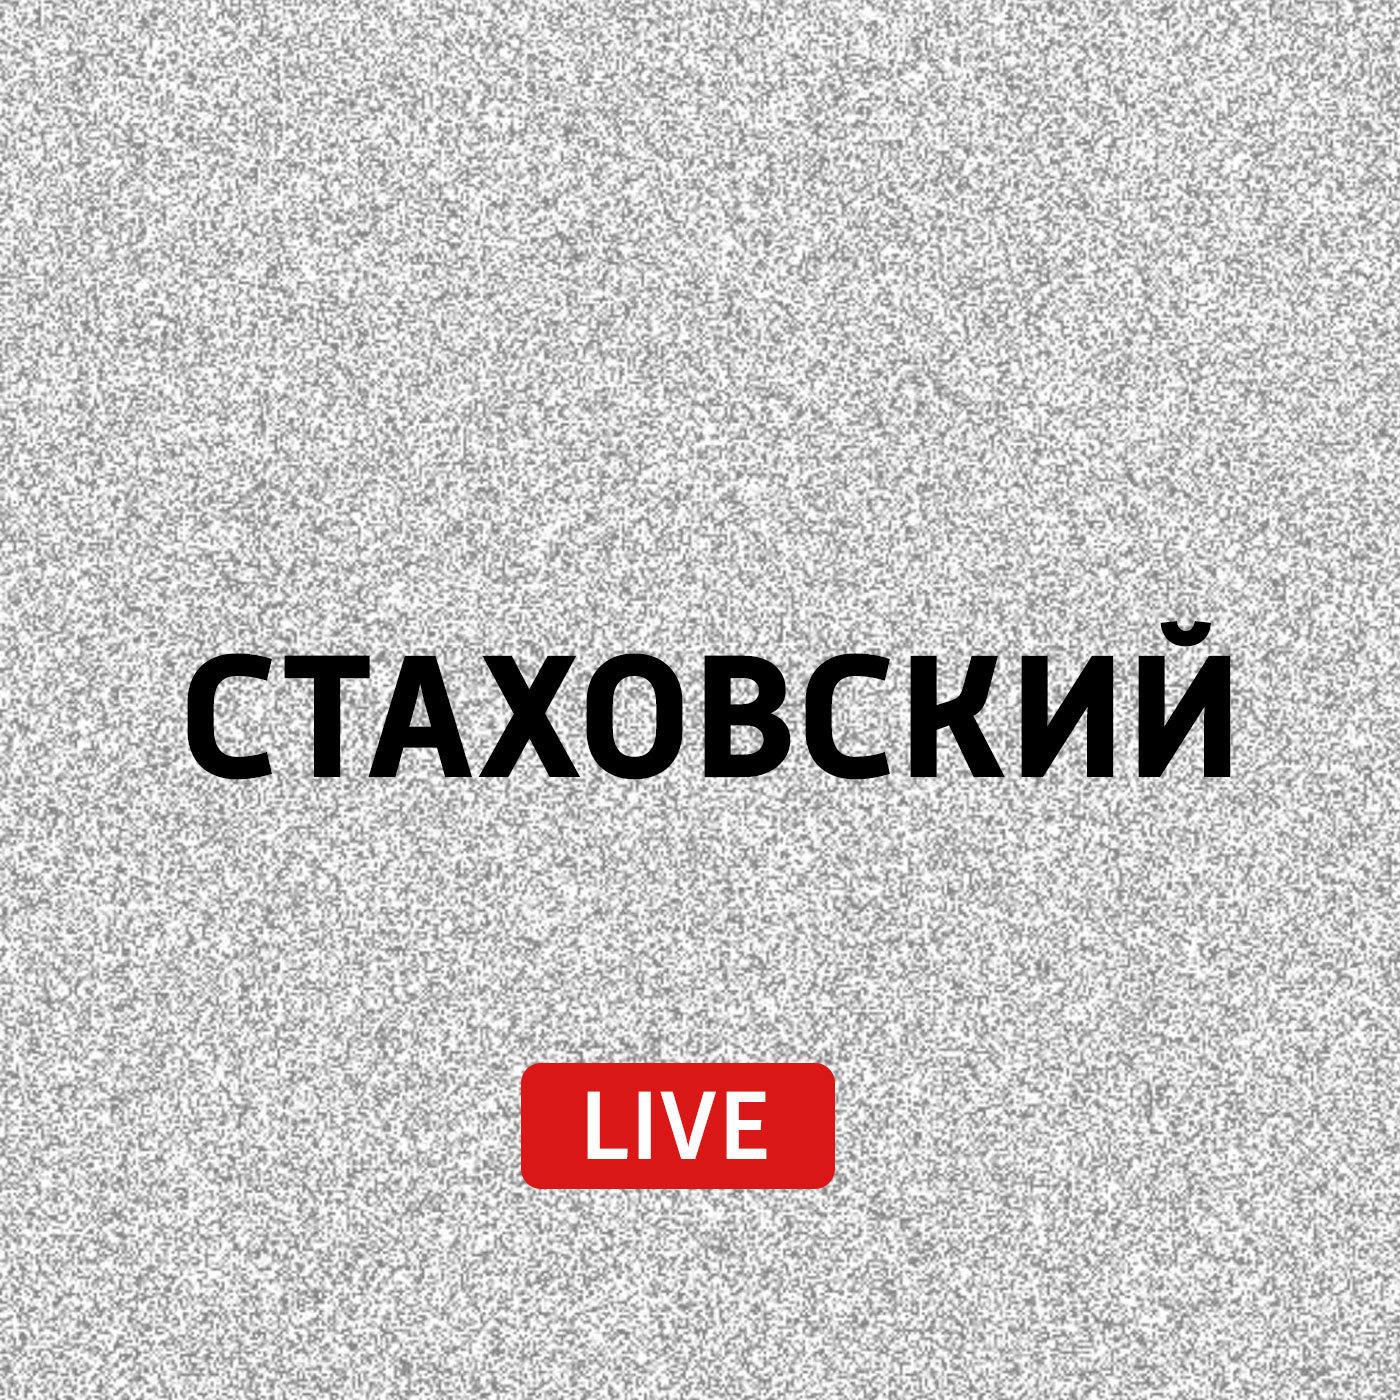 Евгений Стаховский Хештэг #многобукв абхъянга 2 часа